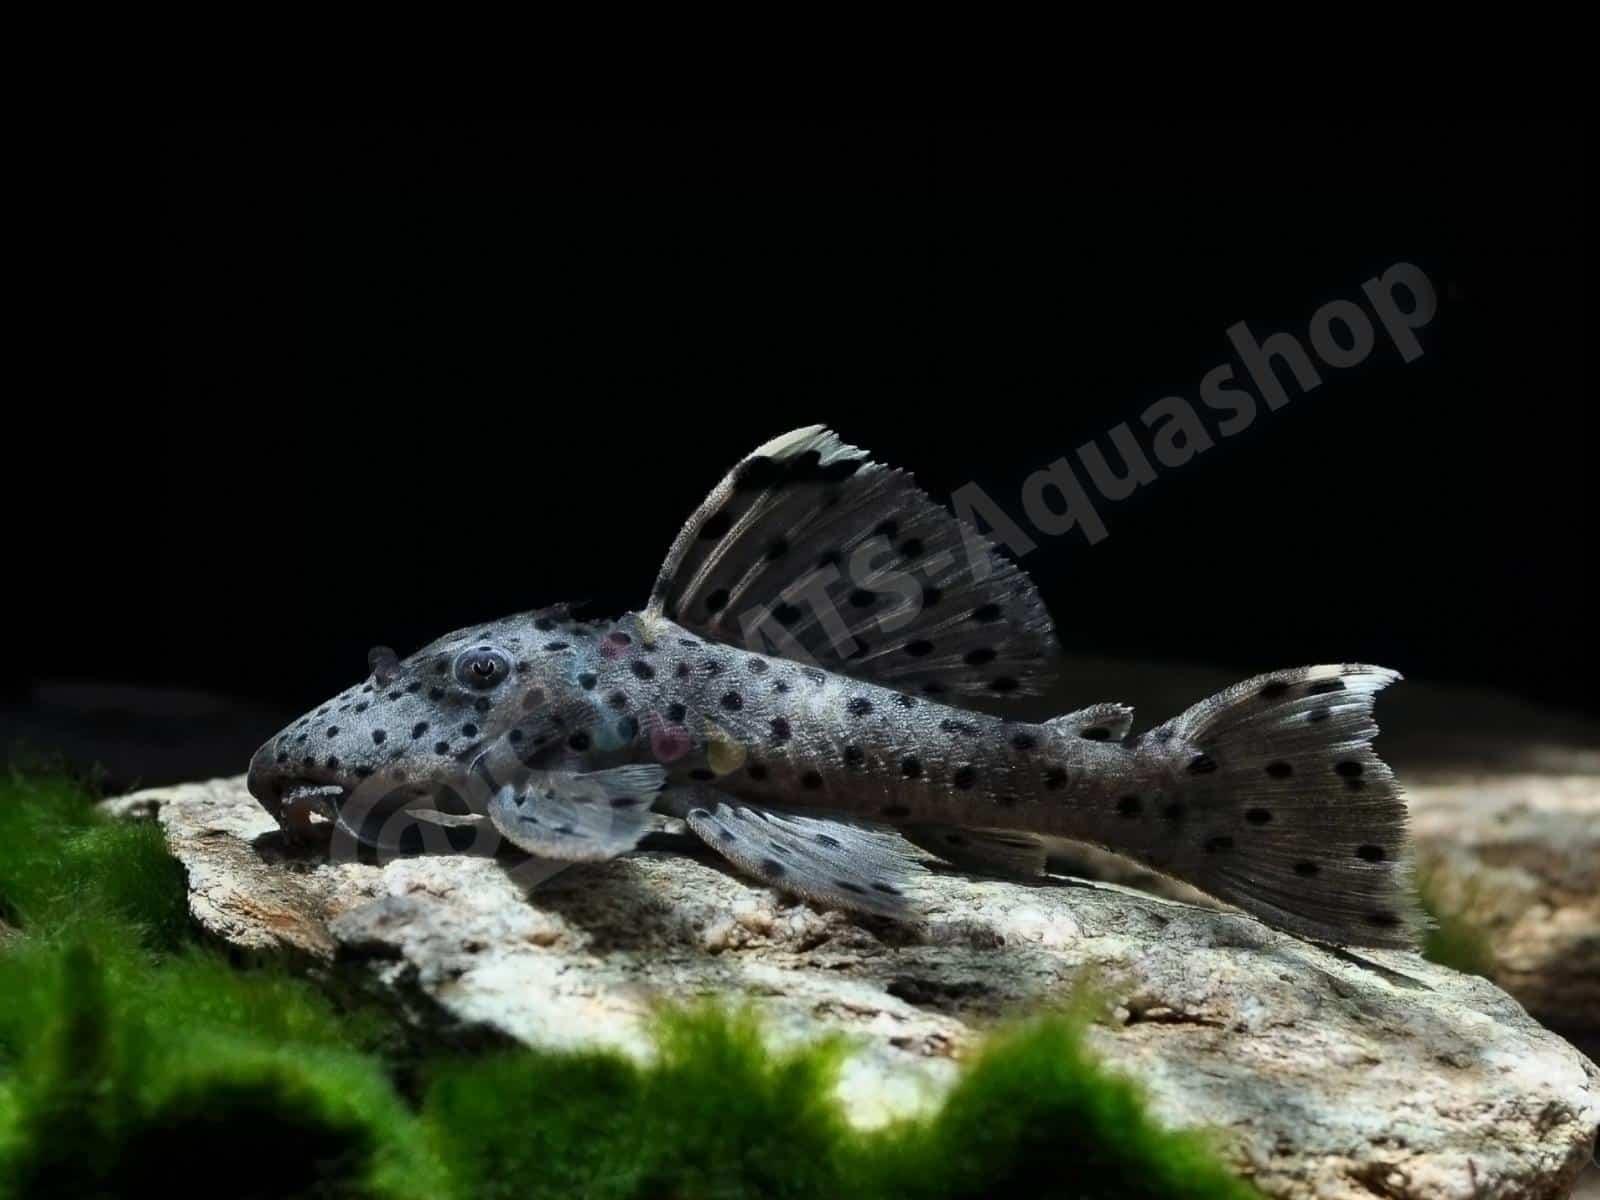 leporacanthicus joselimai l 264 enrico richter 0085 8